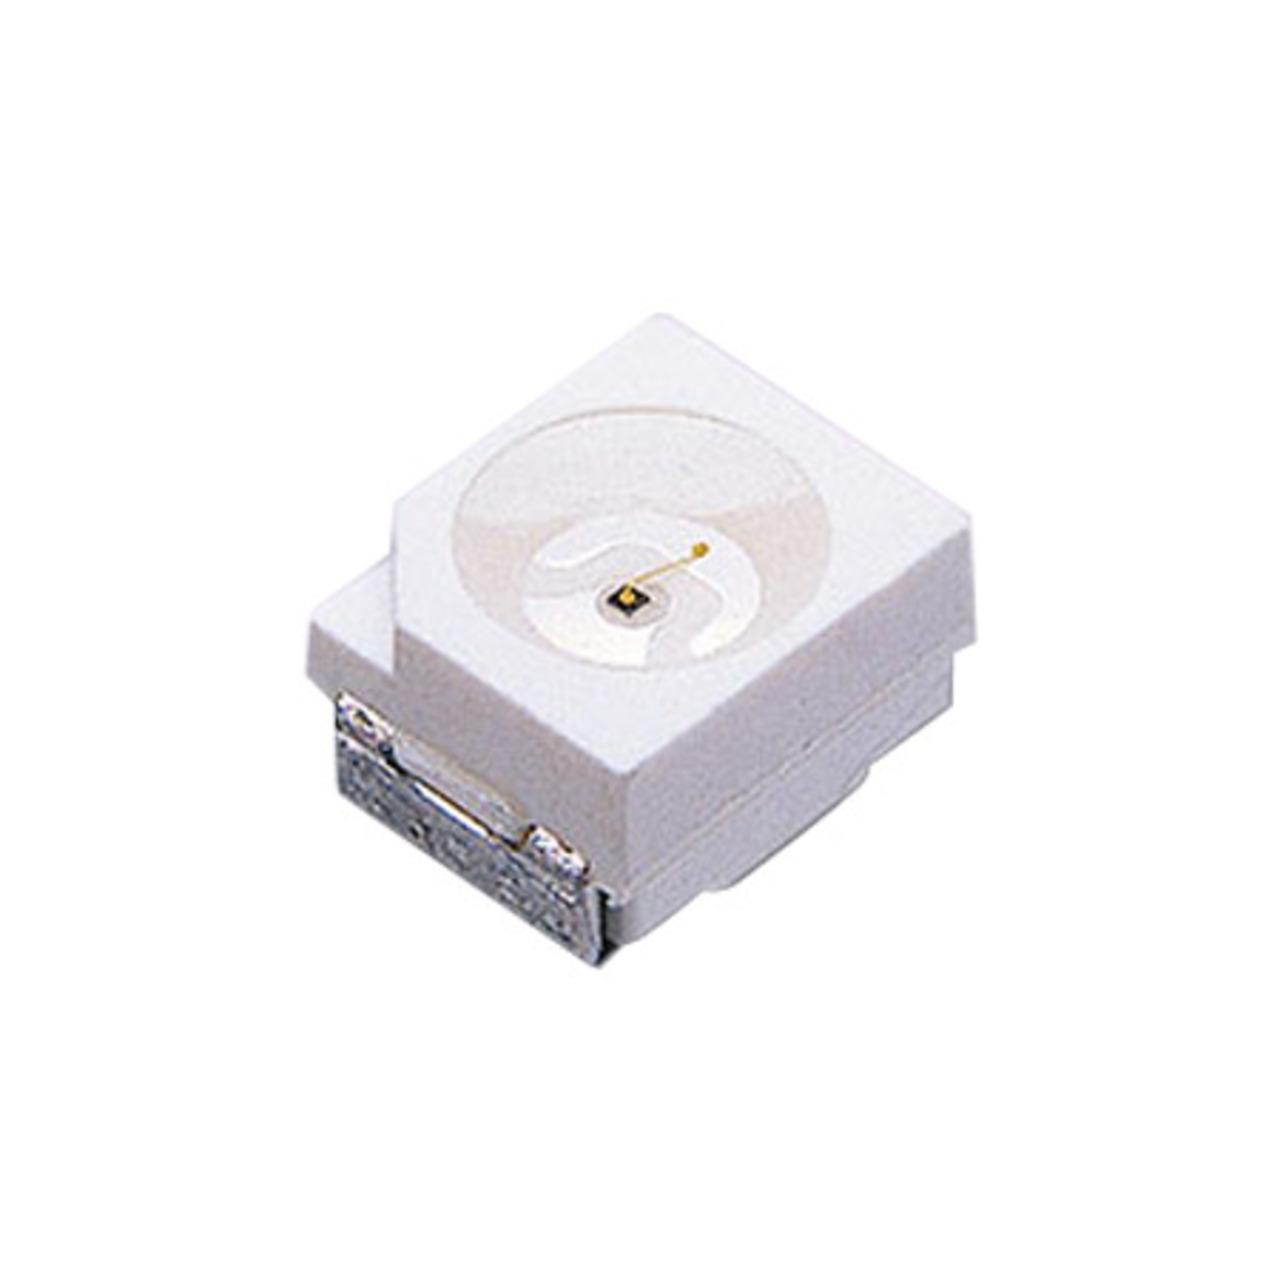 SMD-LED Grün Superhell- Bauform TOP (PLCC)- 10er Pack